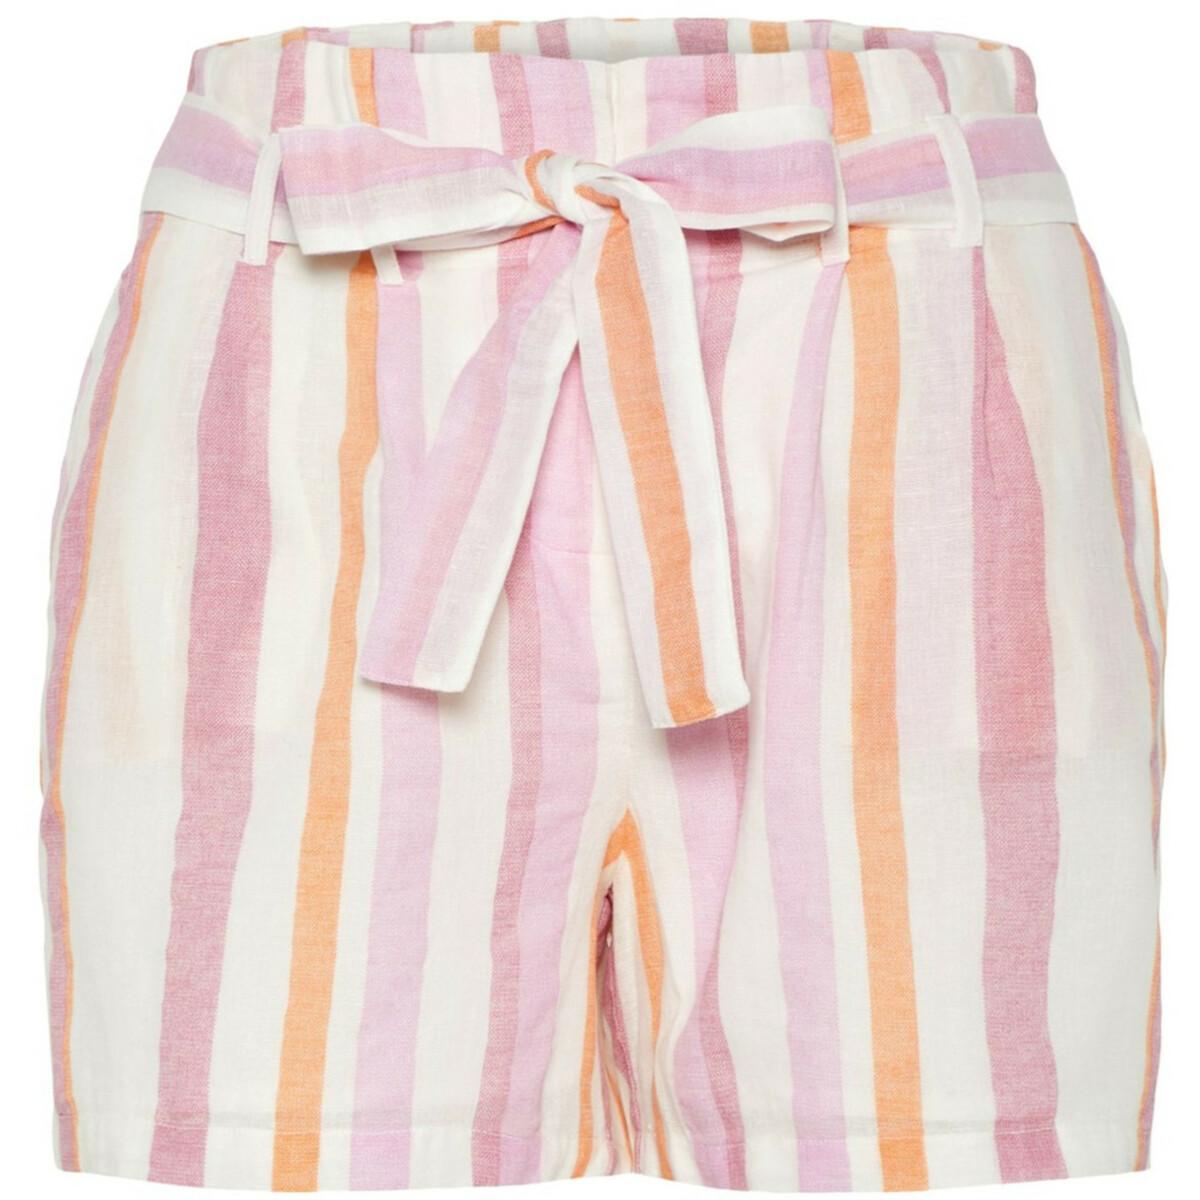 Bild 1 von Damen Vero Moda Shorts mit Streifen